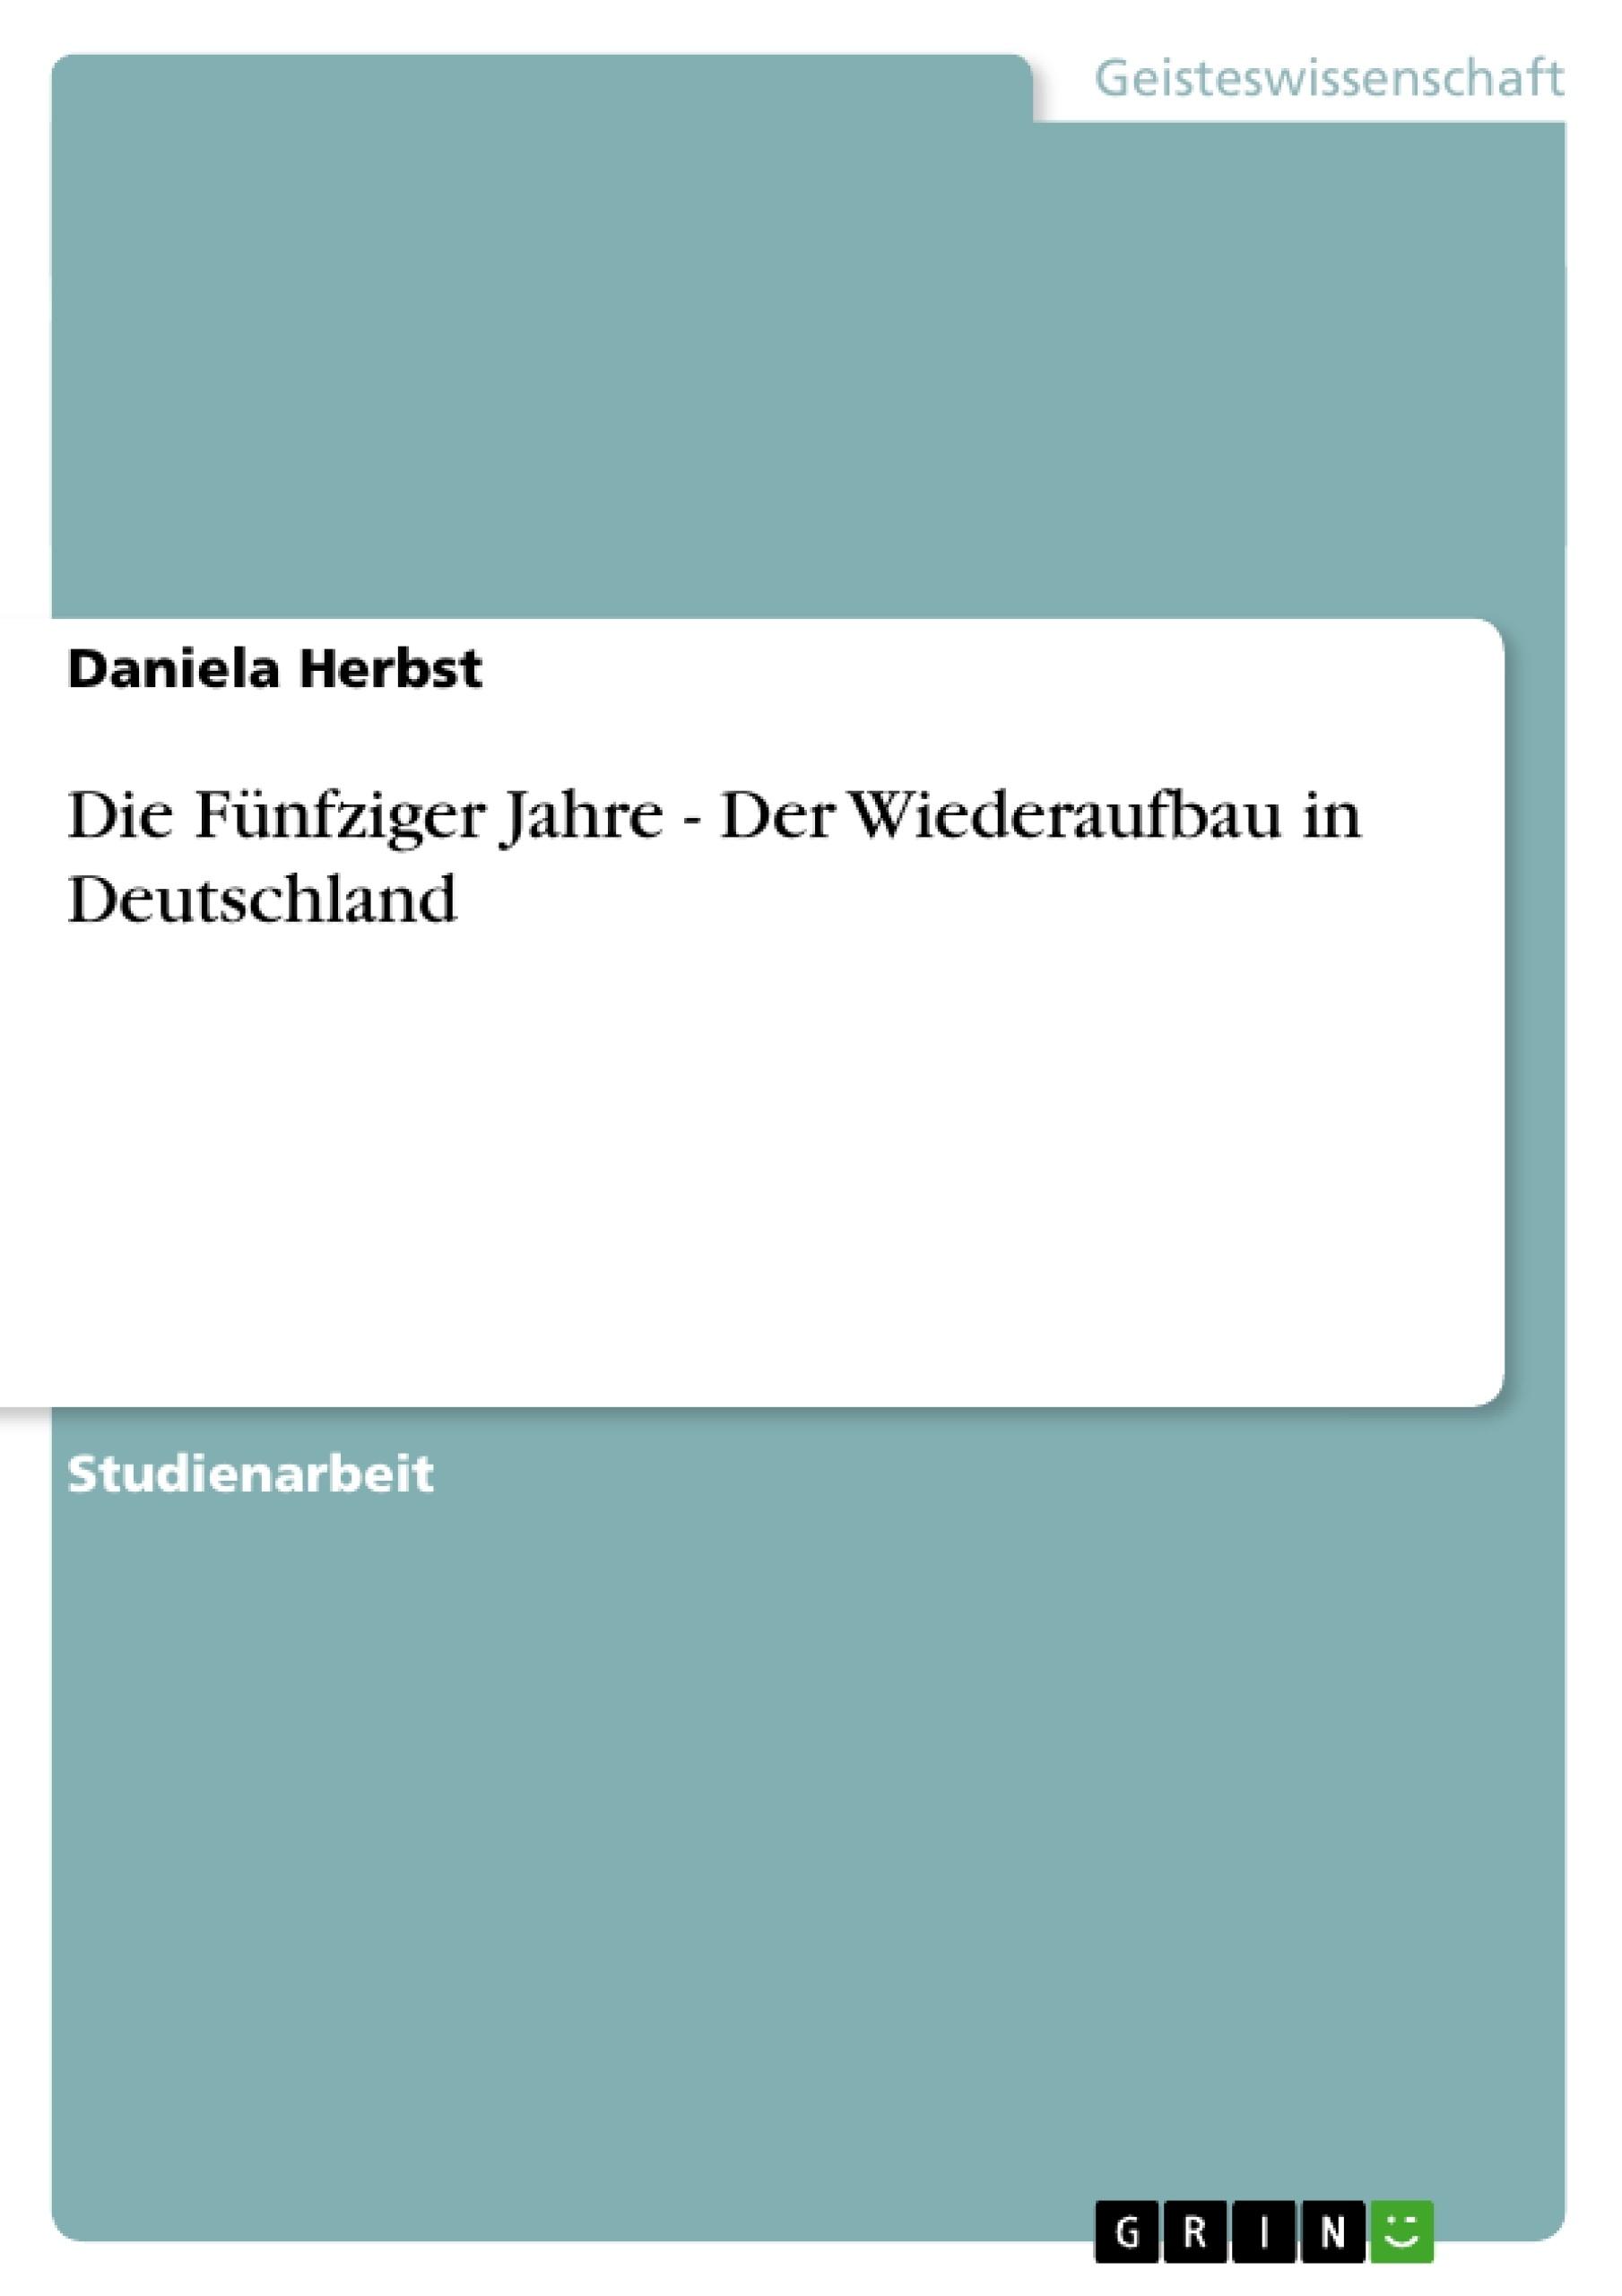 Titel: Die Fünfziger Jahre - Der Wiederaufbau in Deutschland